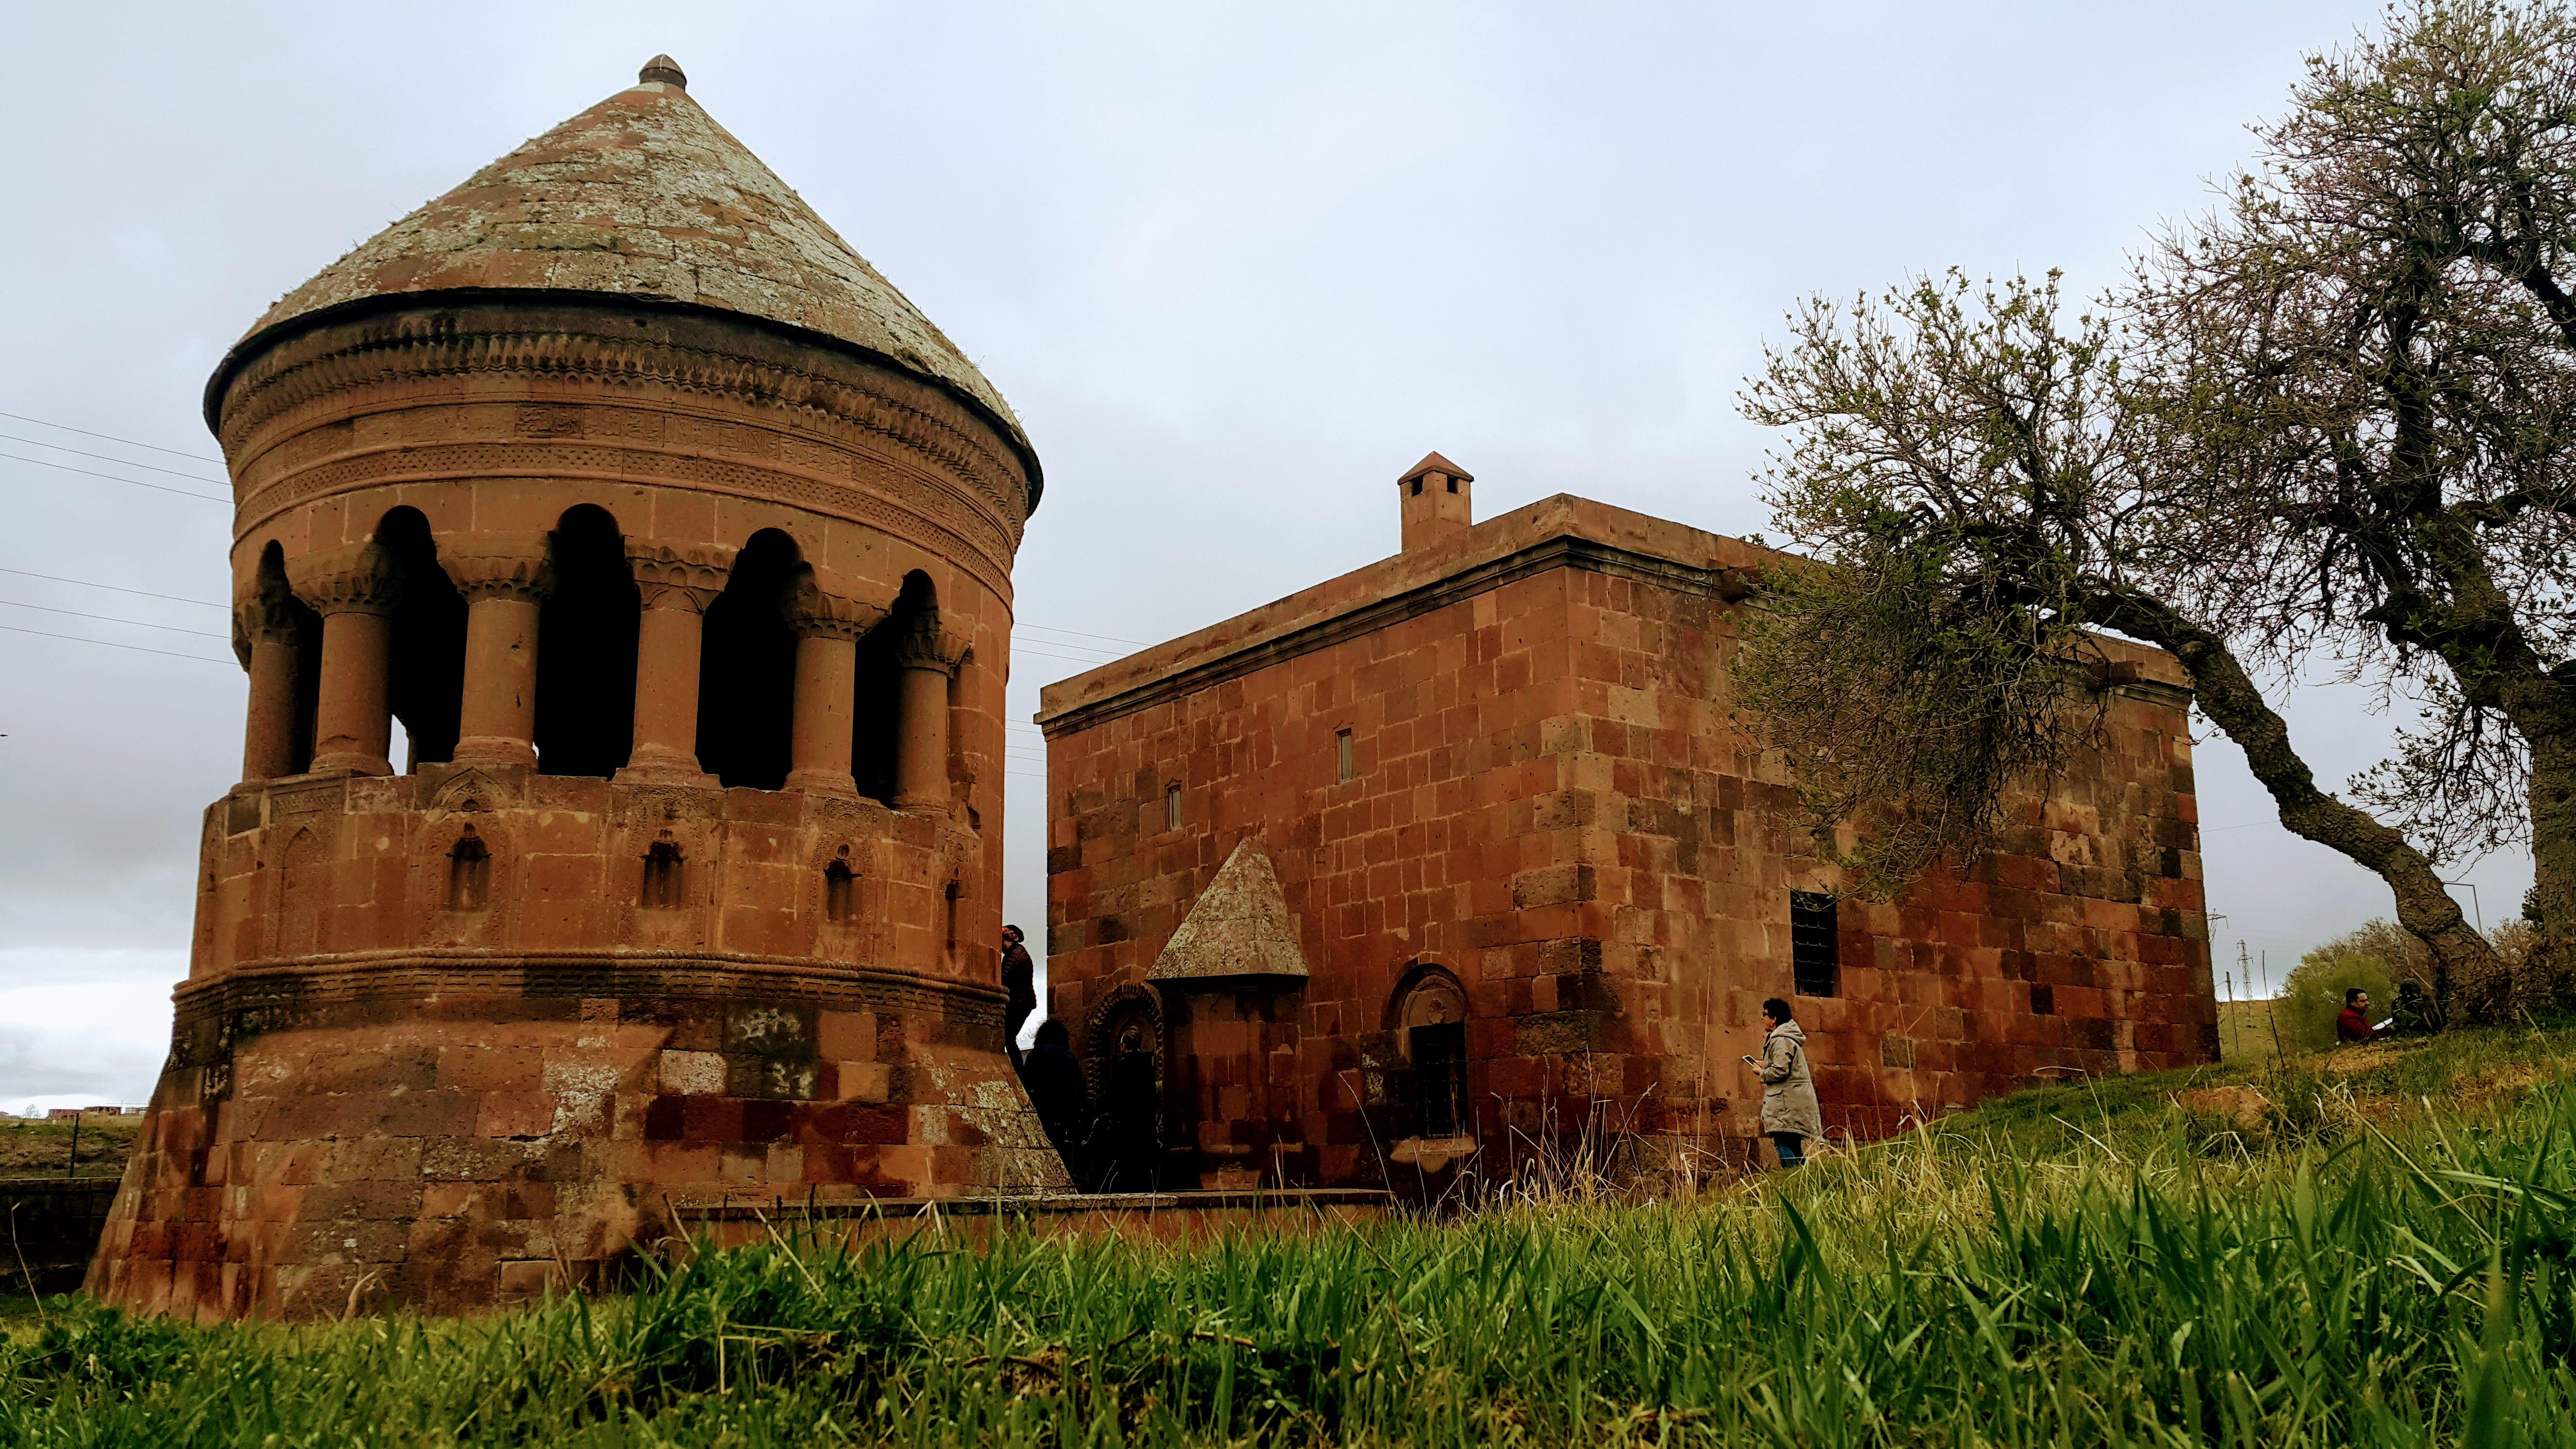 Ahlat 'ta Gezilecek Yerler; Ahlat Emir Bayındır Kümbeti ve Camii